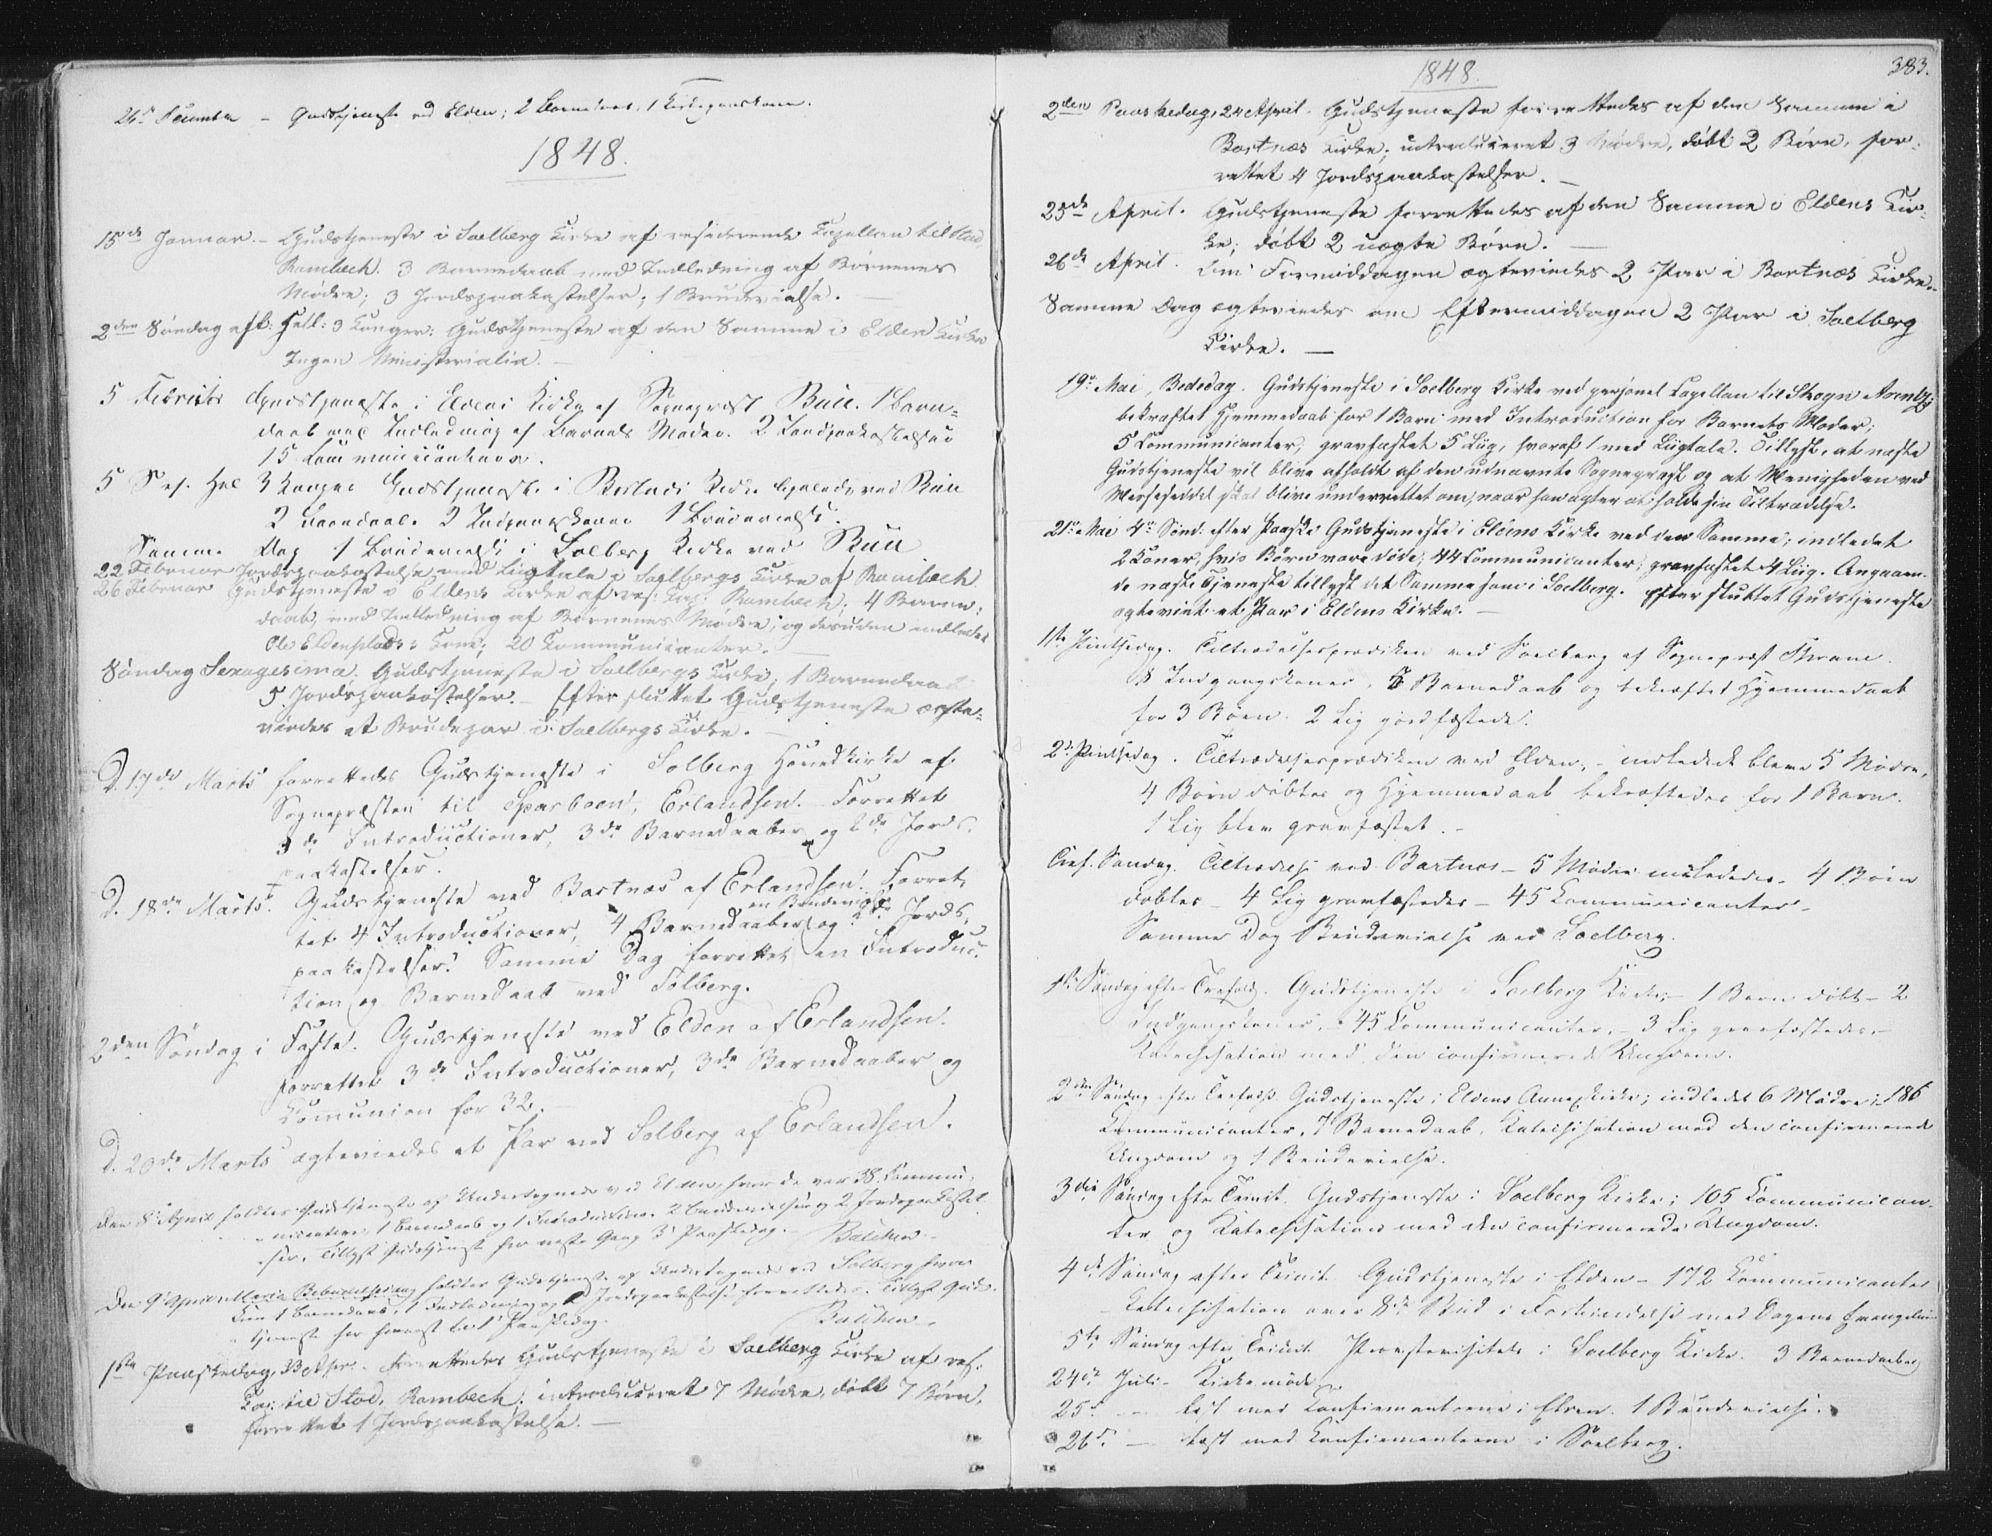 SAT, Ministerialprotokoller, klokkerbøker og fødselsregistre - Nord-Trøndelag, 741/L0392: Ministerialbok nr. 741A06, 1836-1848, s. 383